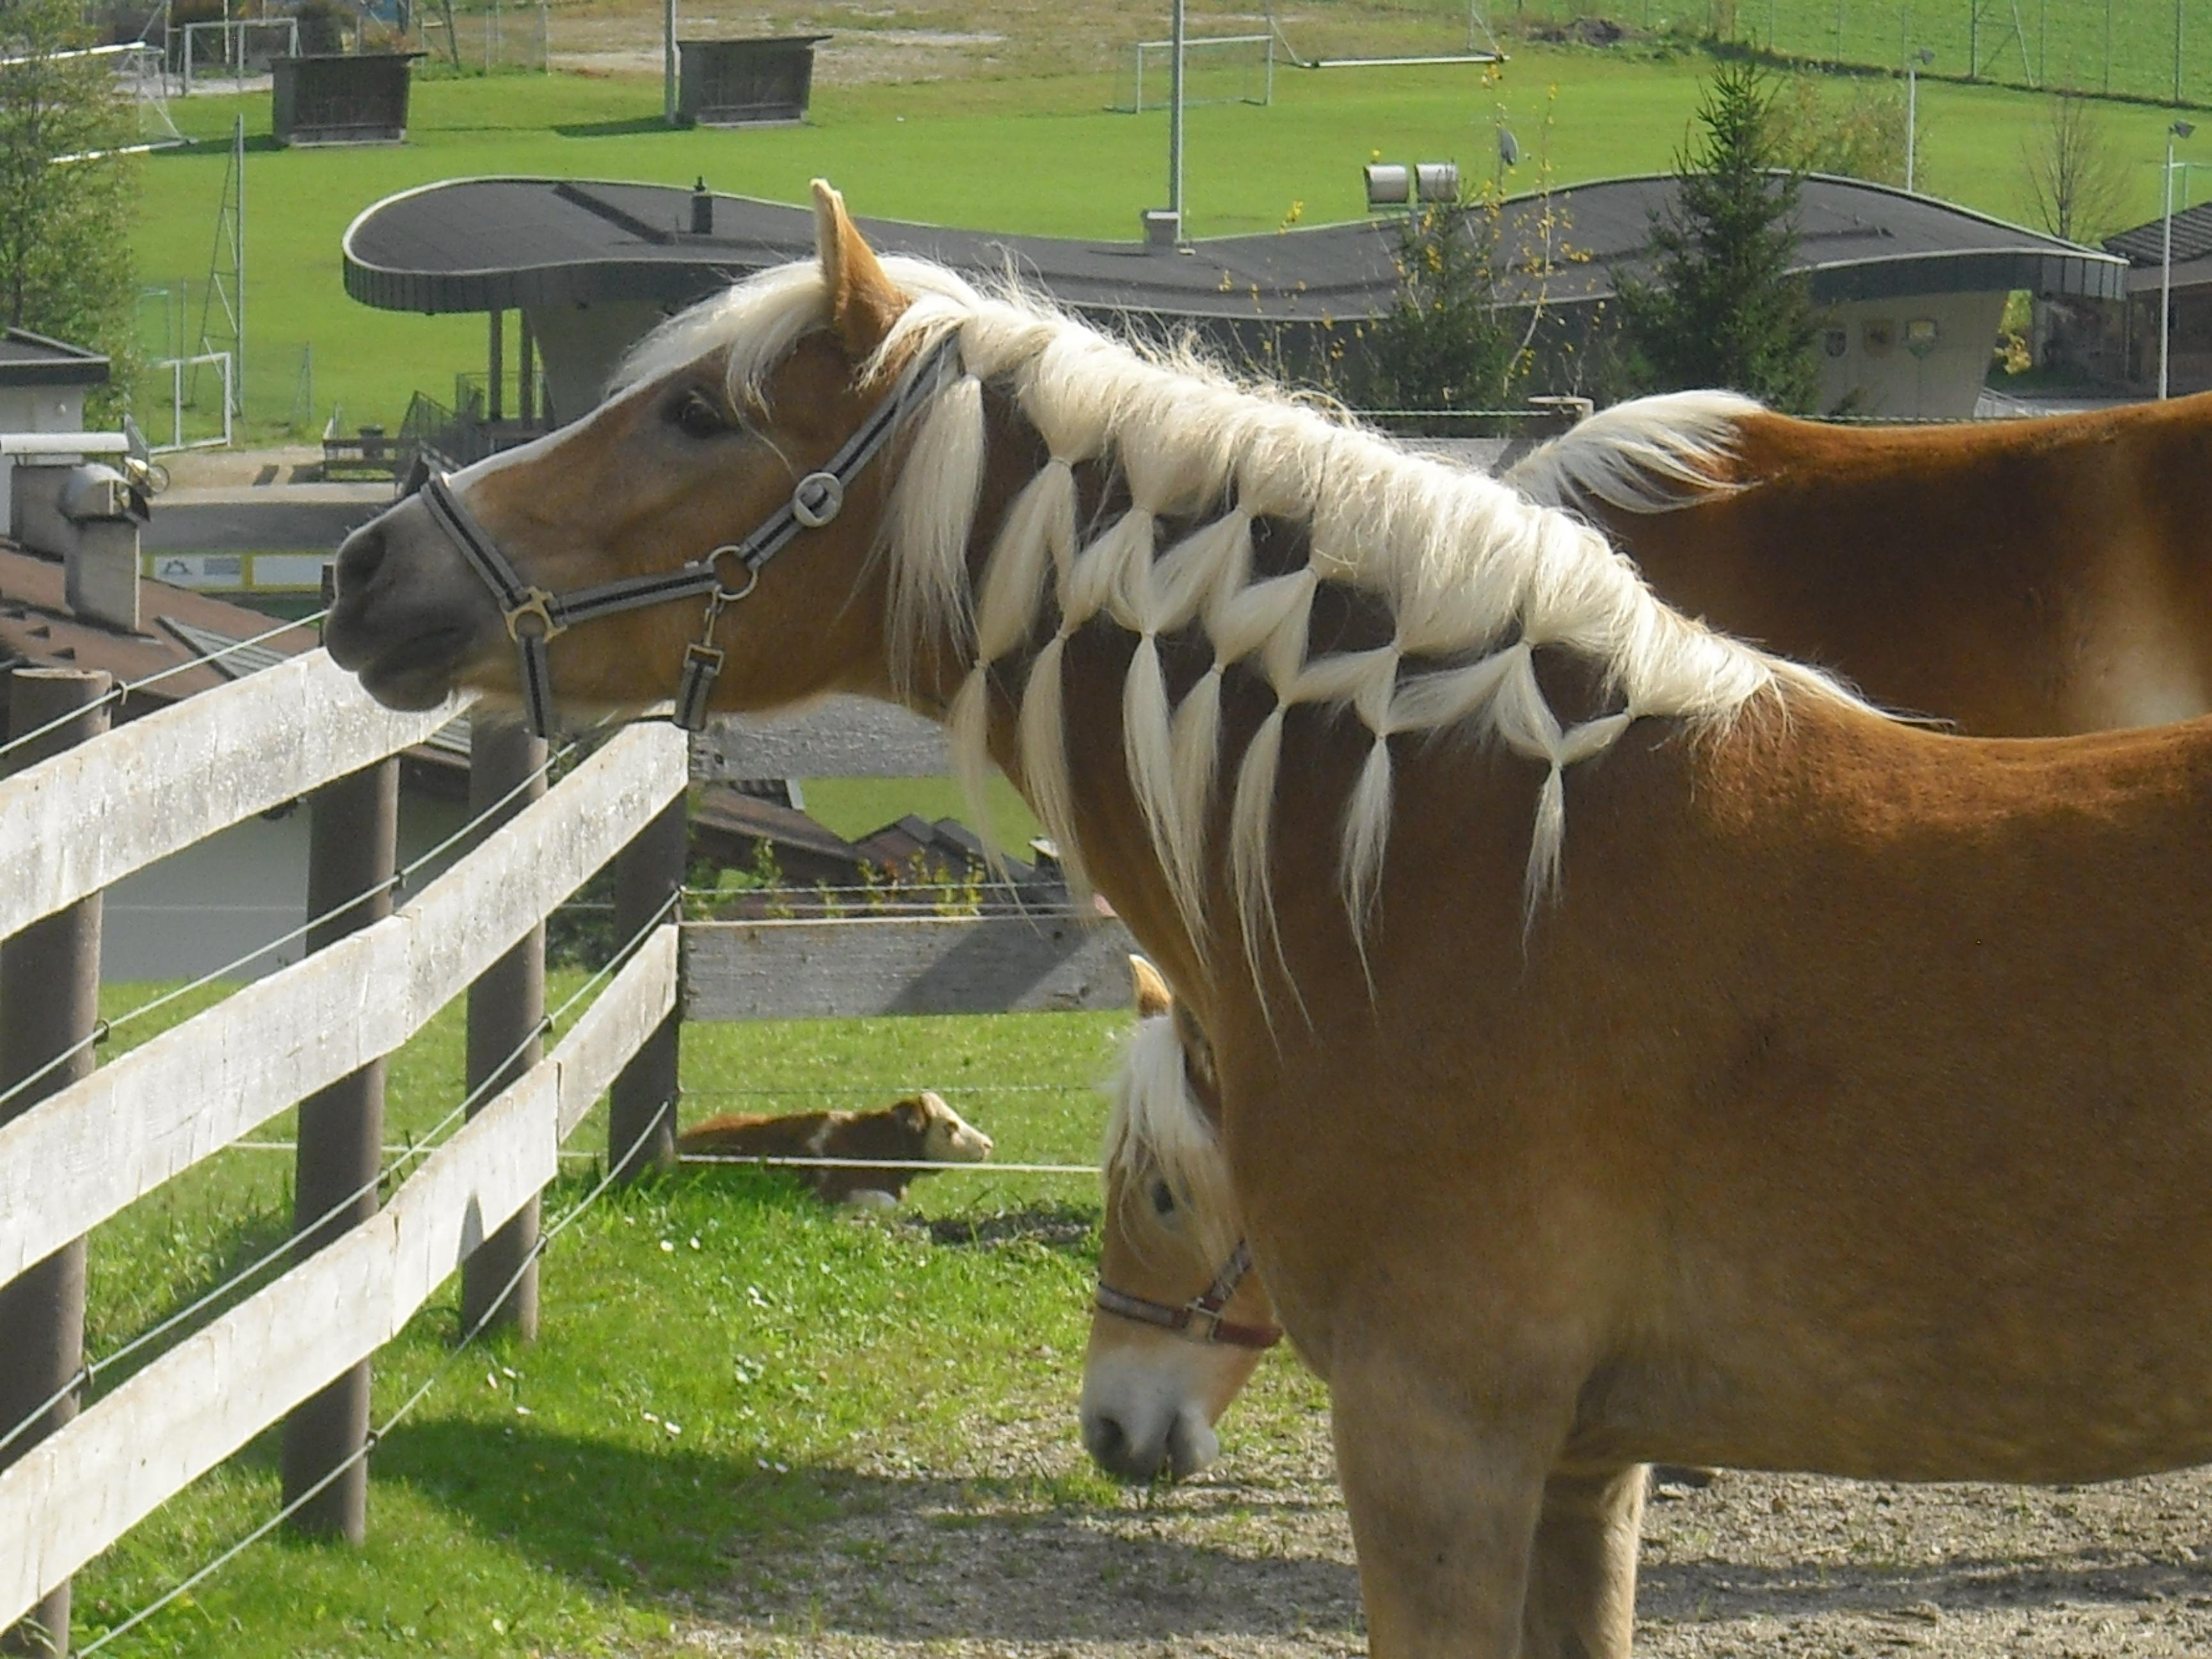 Maehnennetz pferdefrisuren Mähnennetz Pferdefrisur   Anleitung mit Bildern zum Mähne flechten